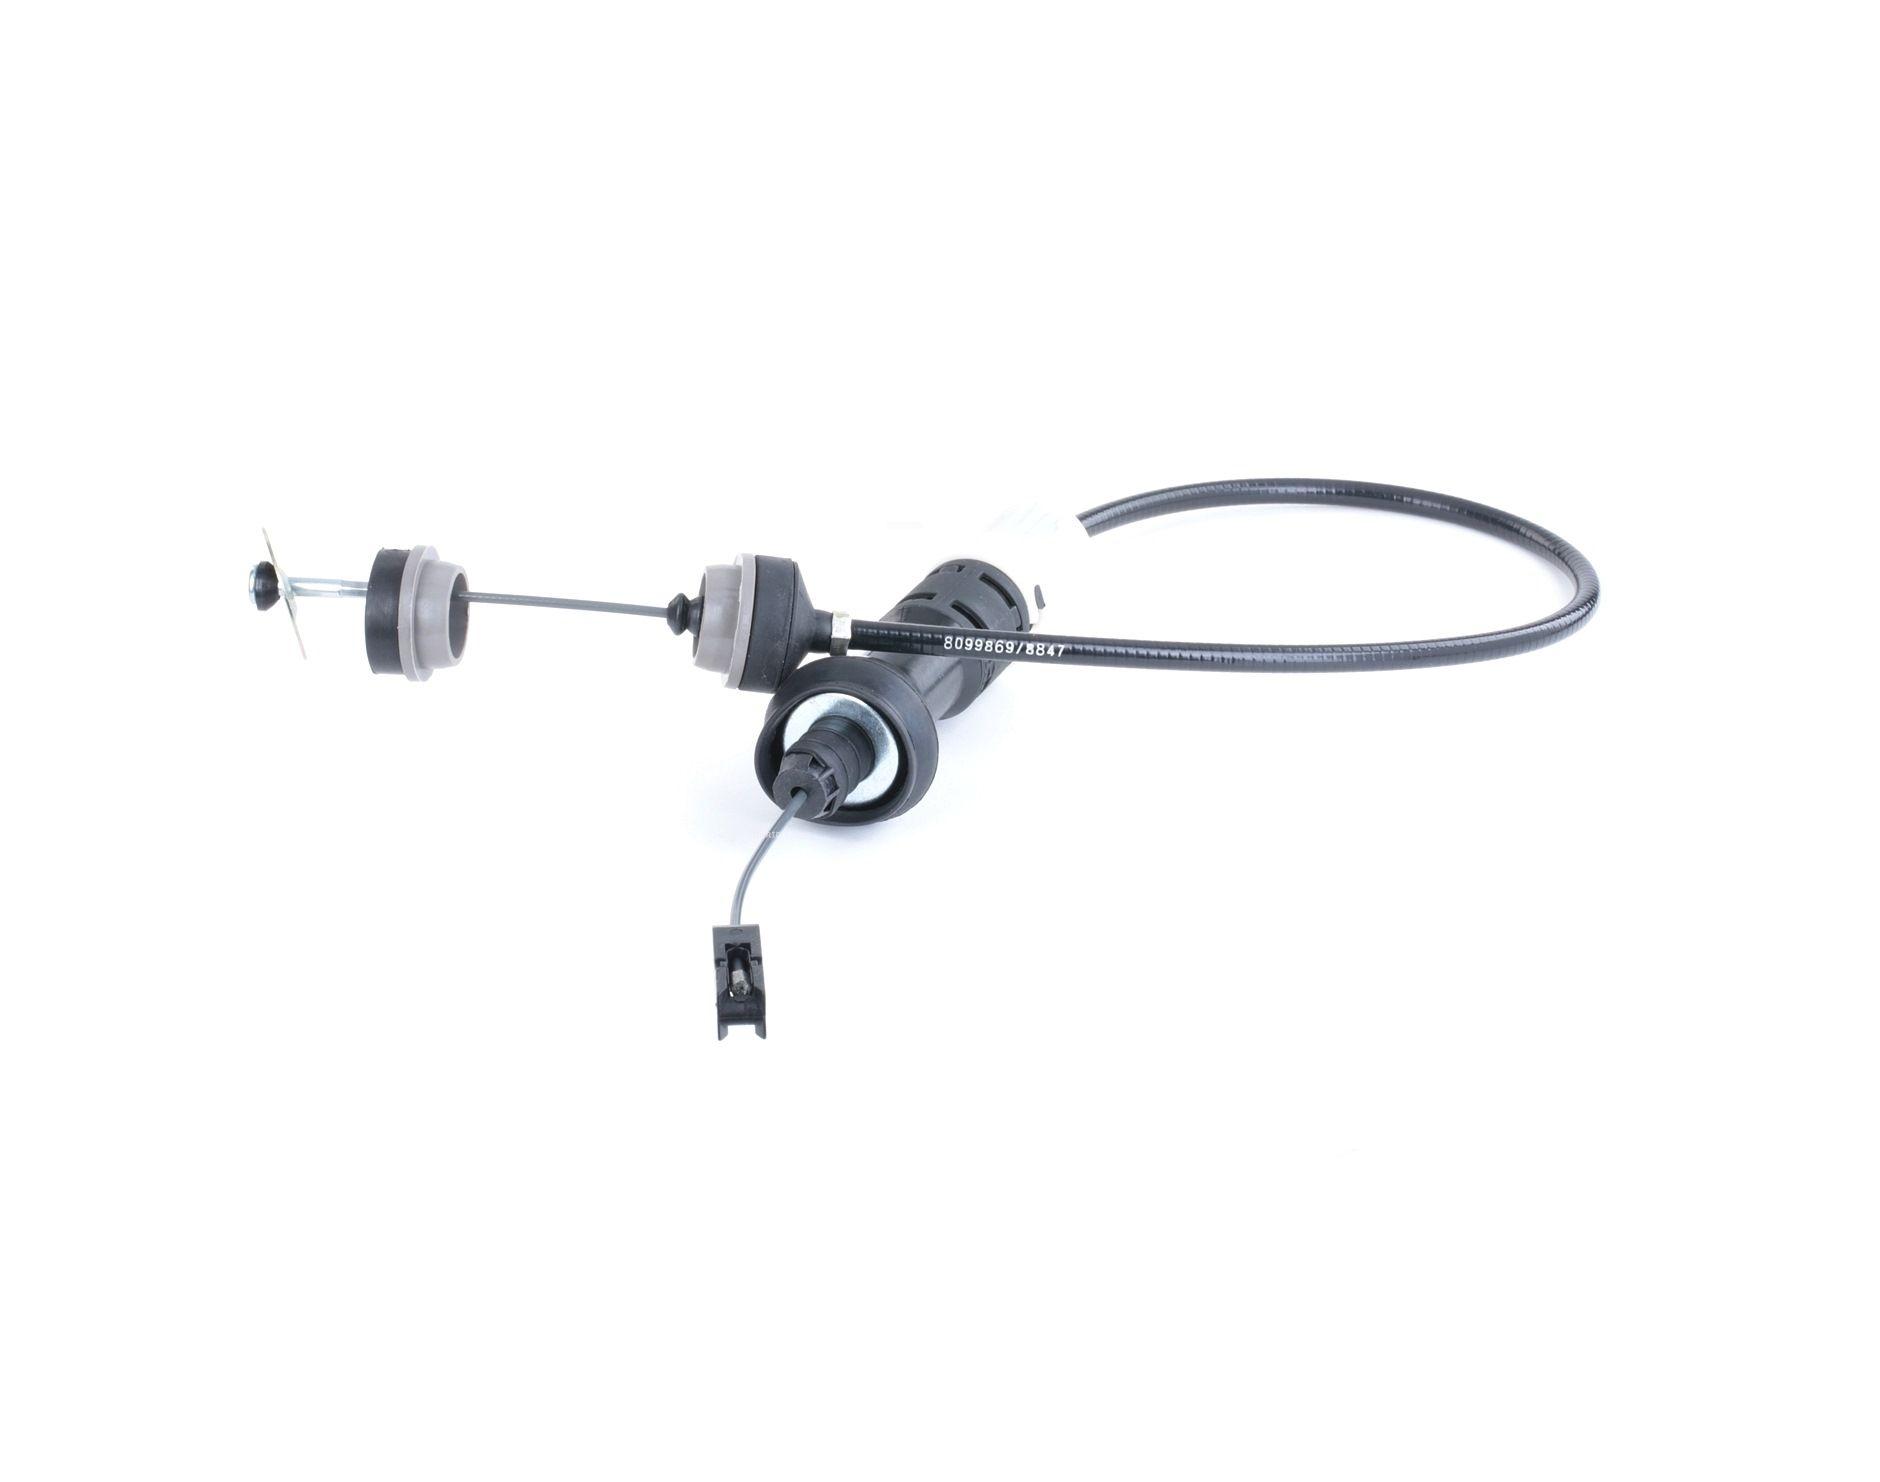 Originales Cable de accionamiento del embrague 478S0017 BMW